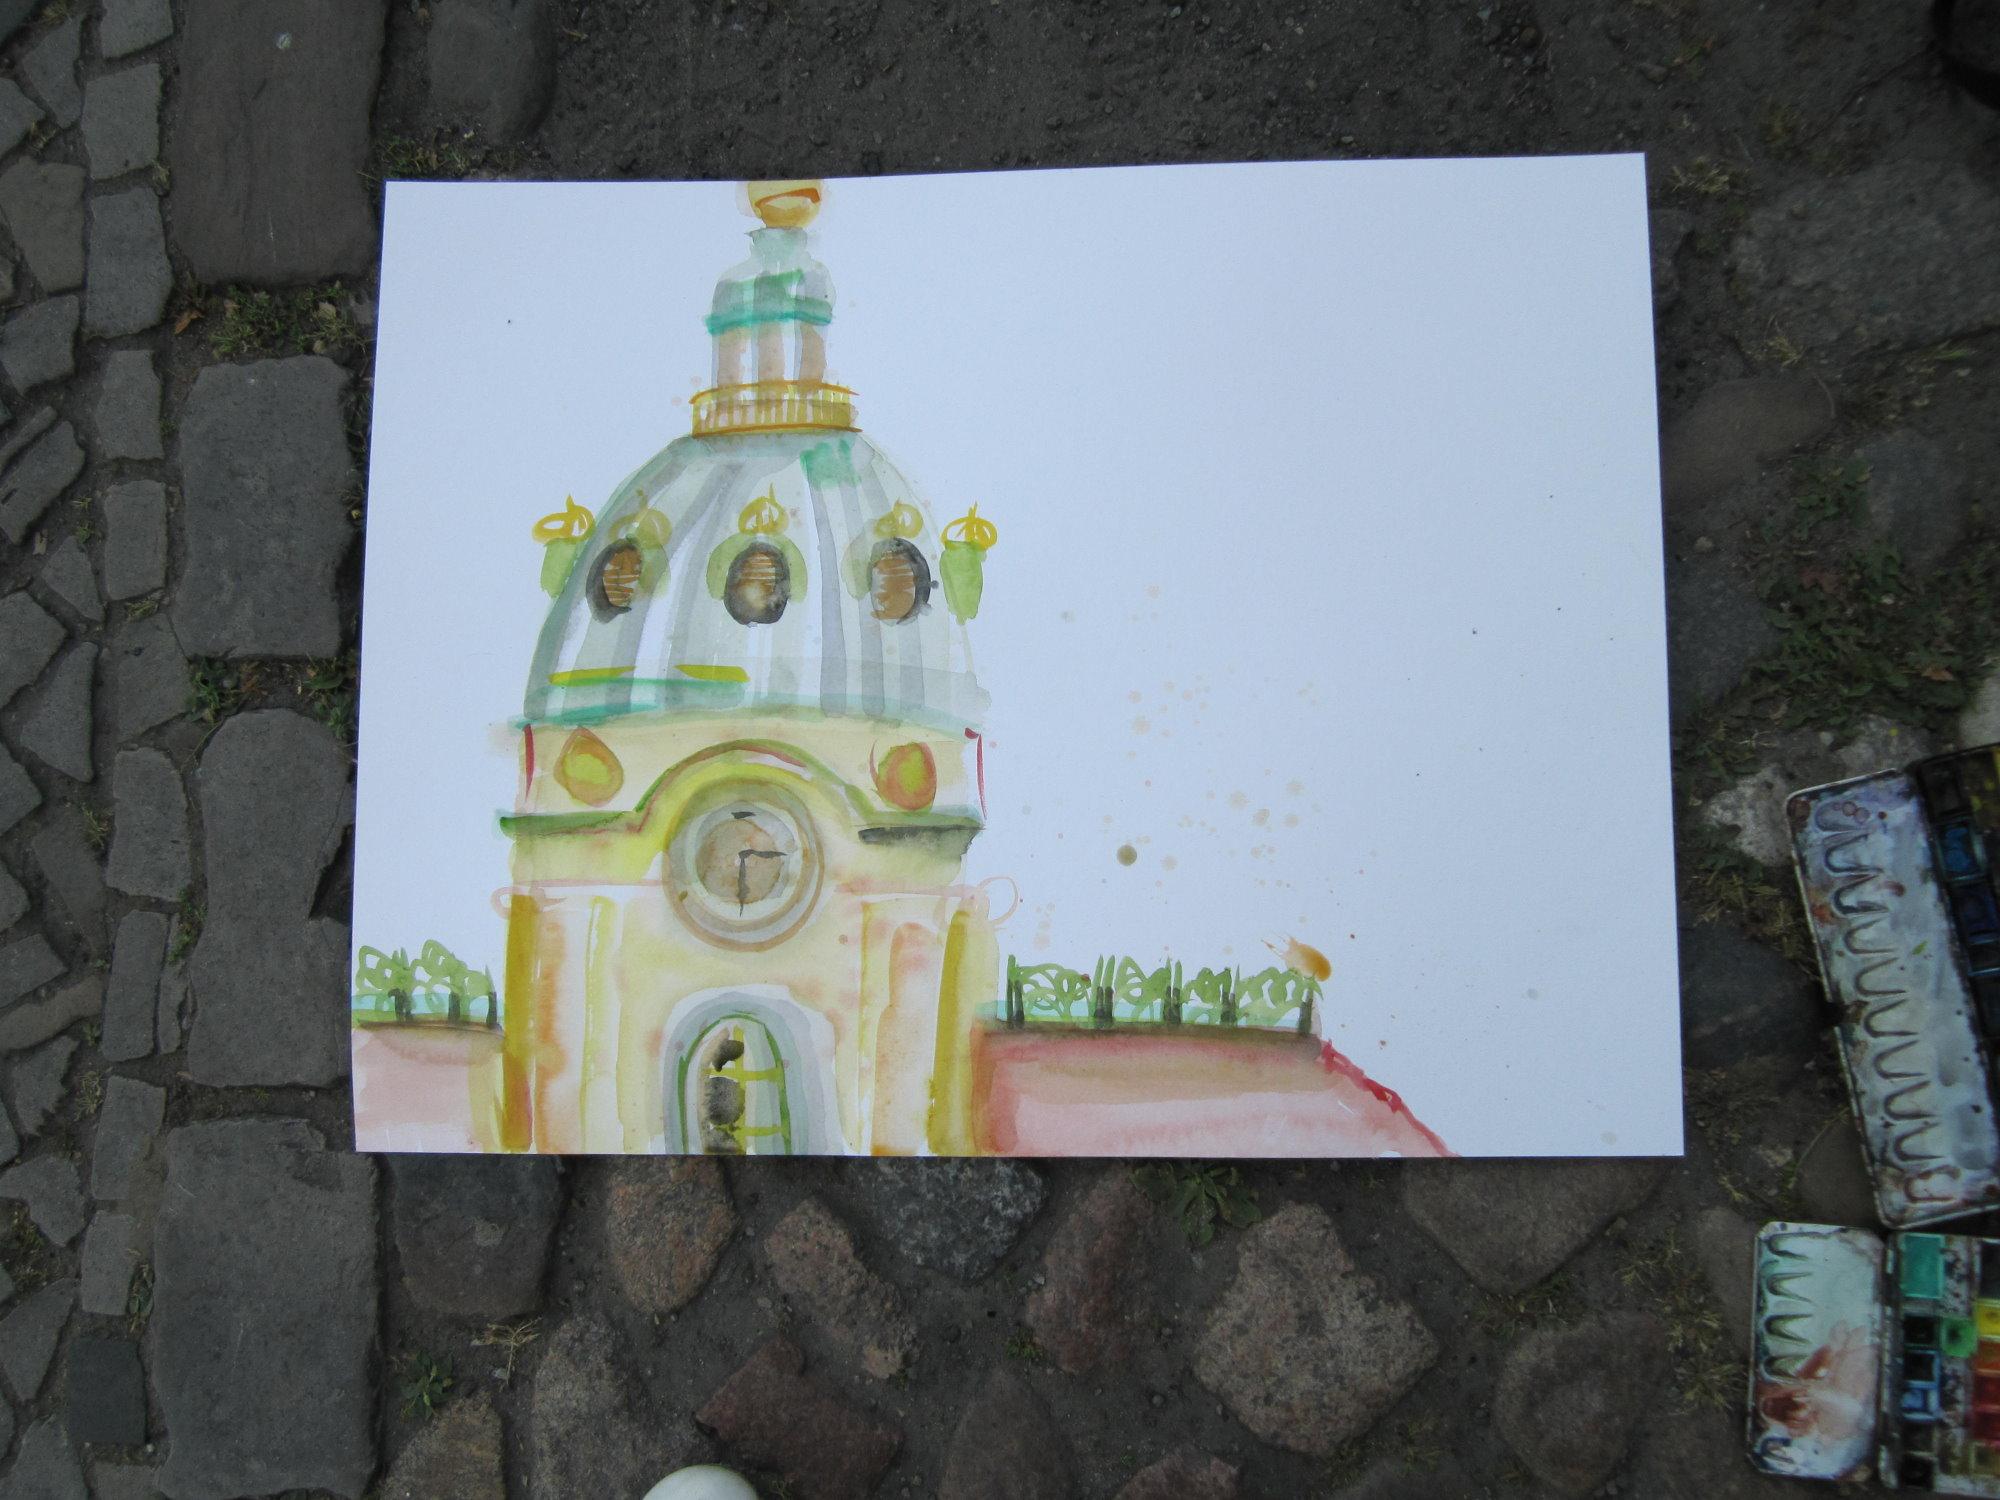 2. Anlage Schloss Charlottenburg - Aquarell von Susanne Haun auf Hahnemühle Leonardo 50 x 70 cm